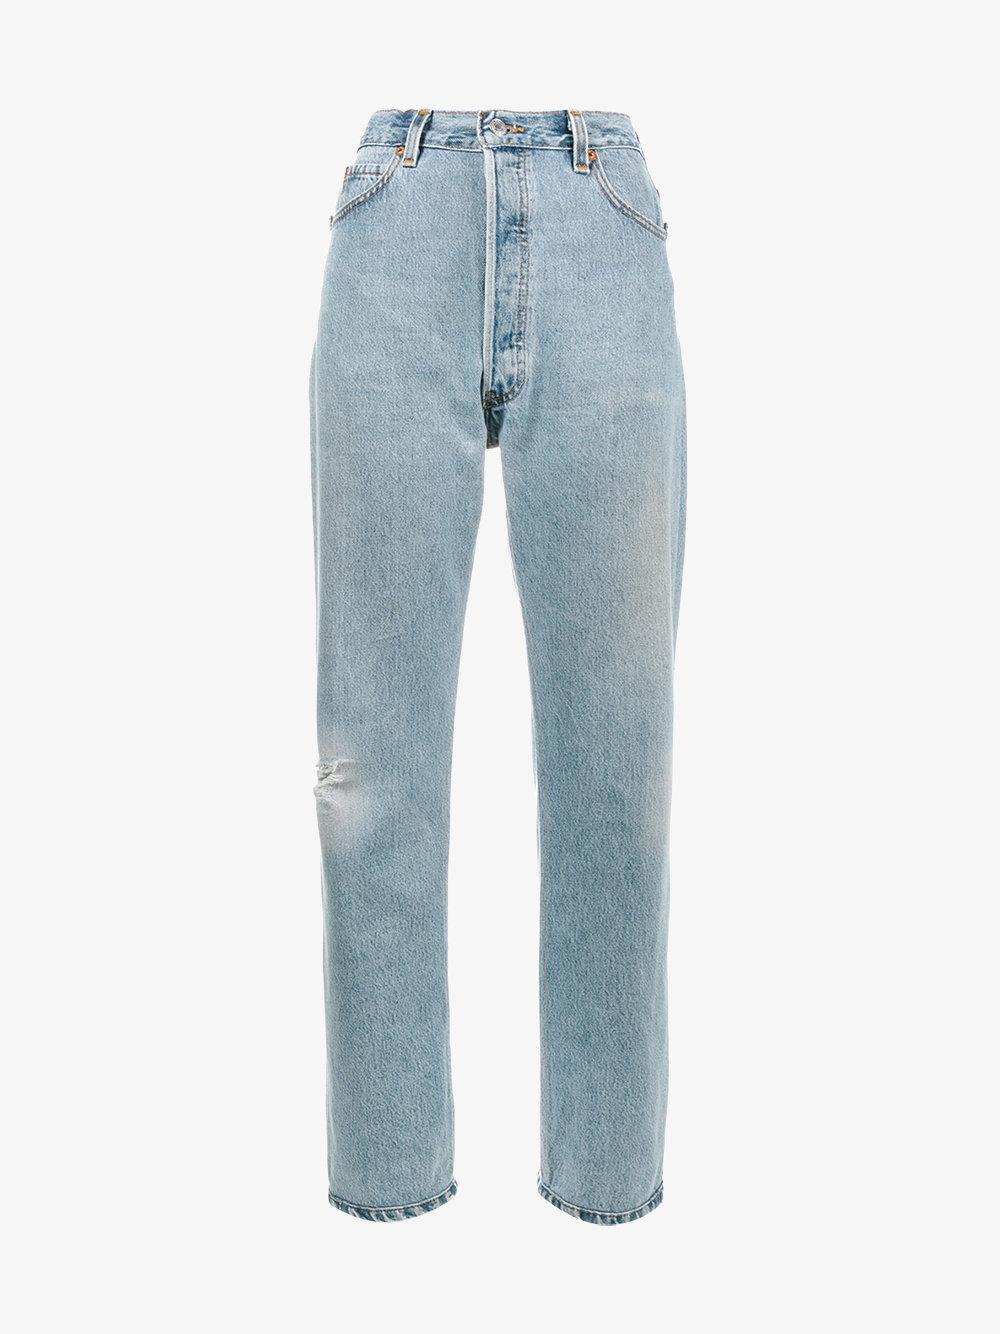 Как подобрать джинсы под свой тип фигуры-Фото 2